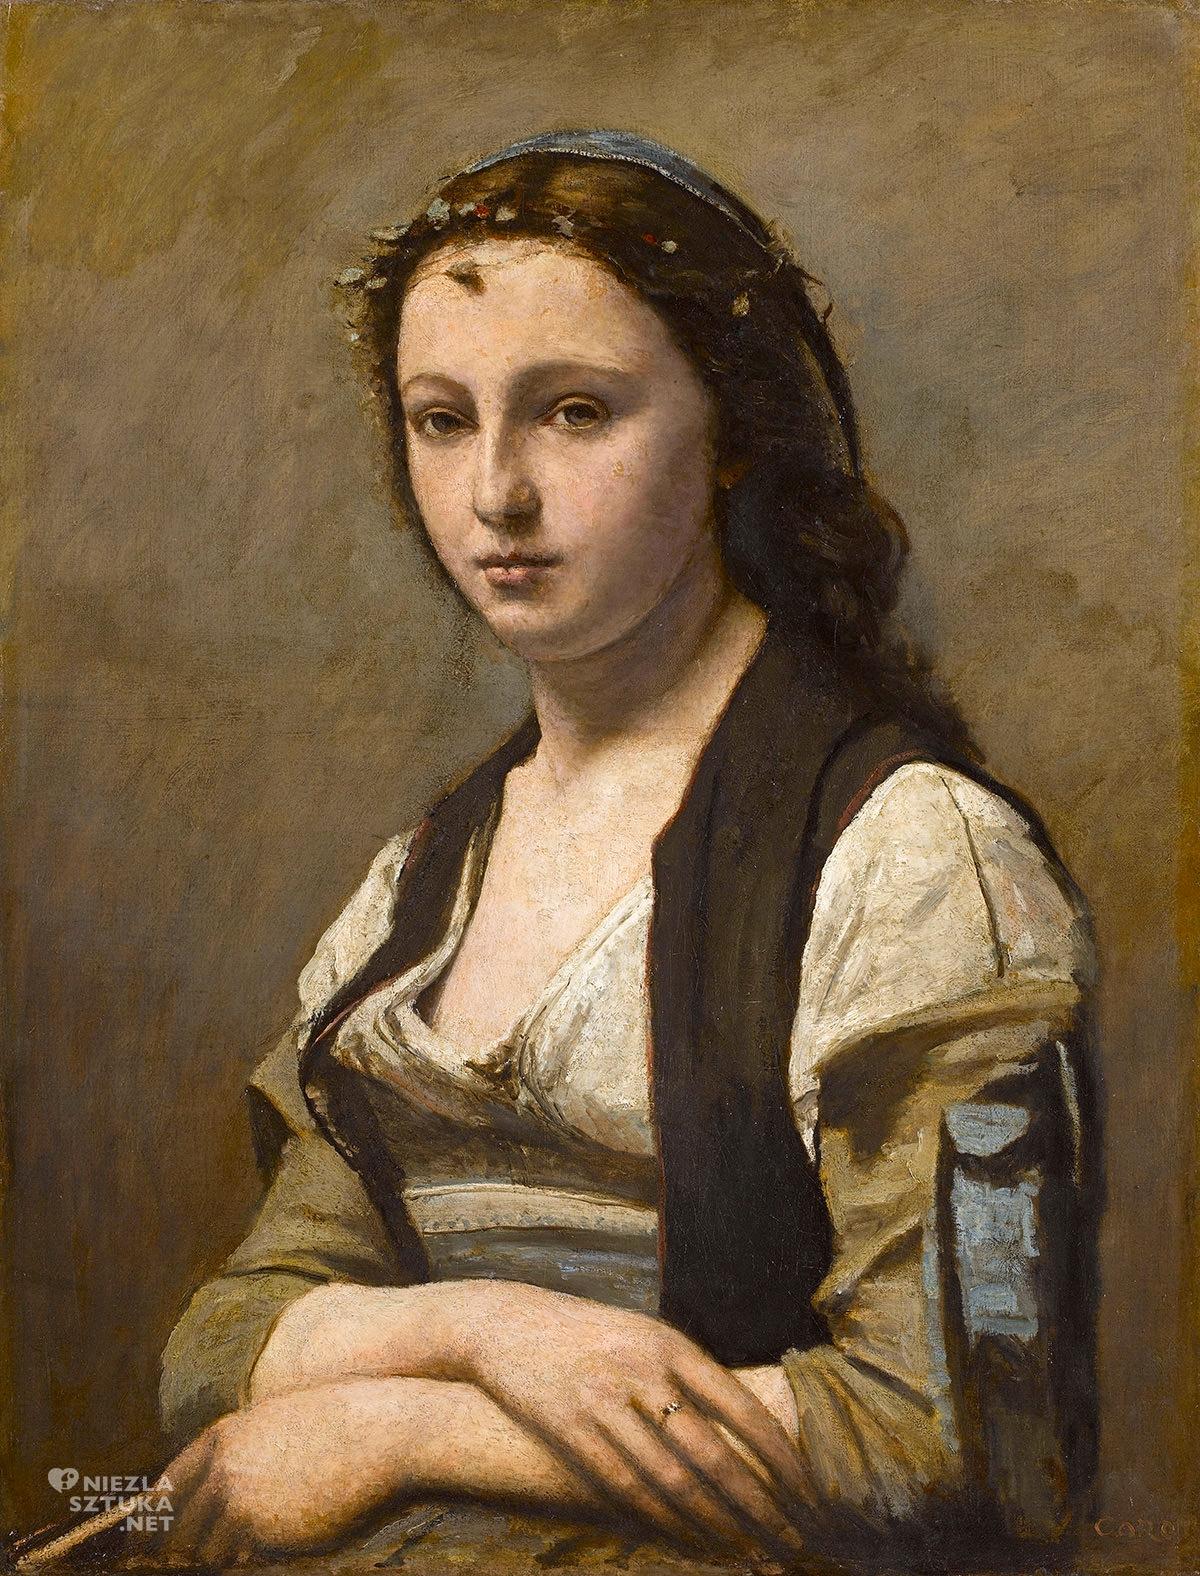 Camille Corot, Kobieta z perłą, Mona Lisa, Luwr, sztuka francuska, portret, kobieta, Niezła sztuka